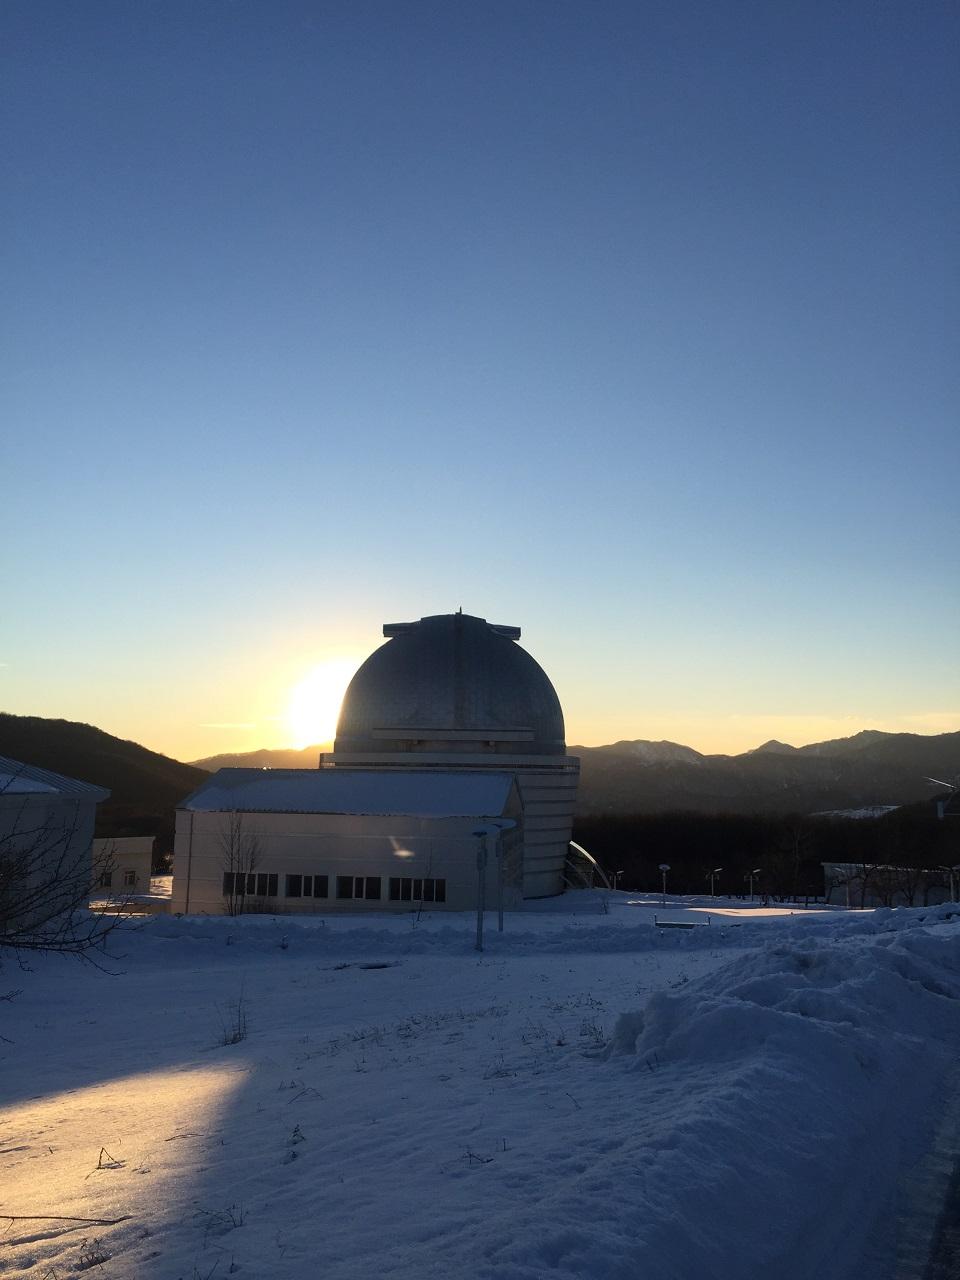 Шемахская астрофизическая обсерватория